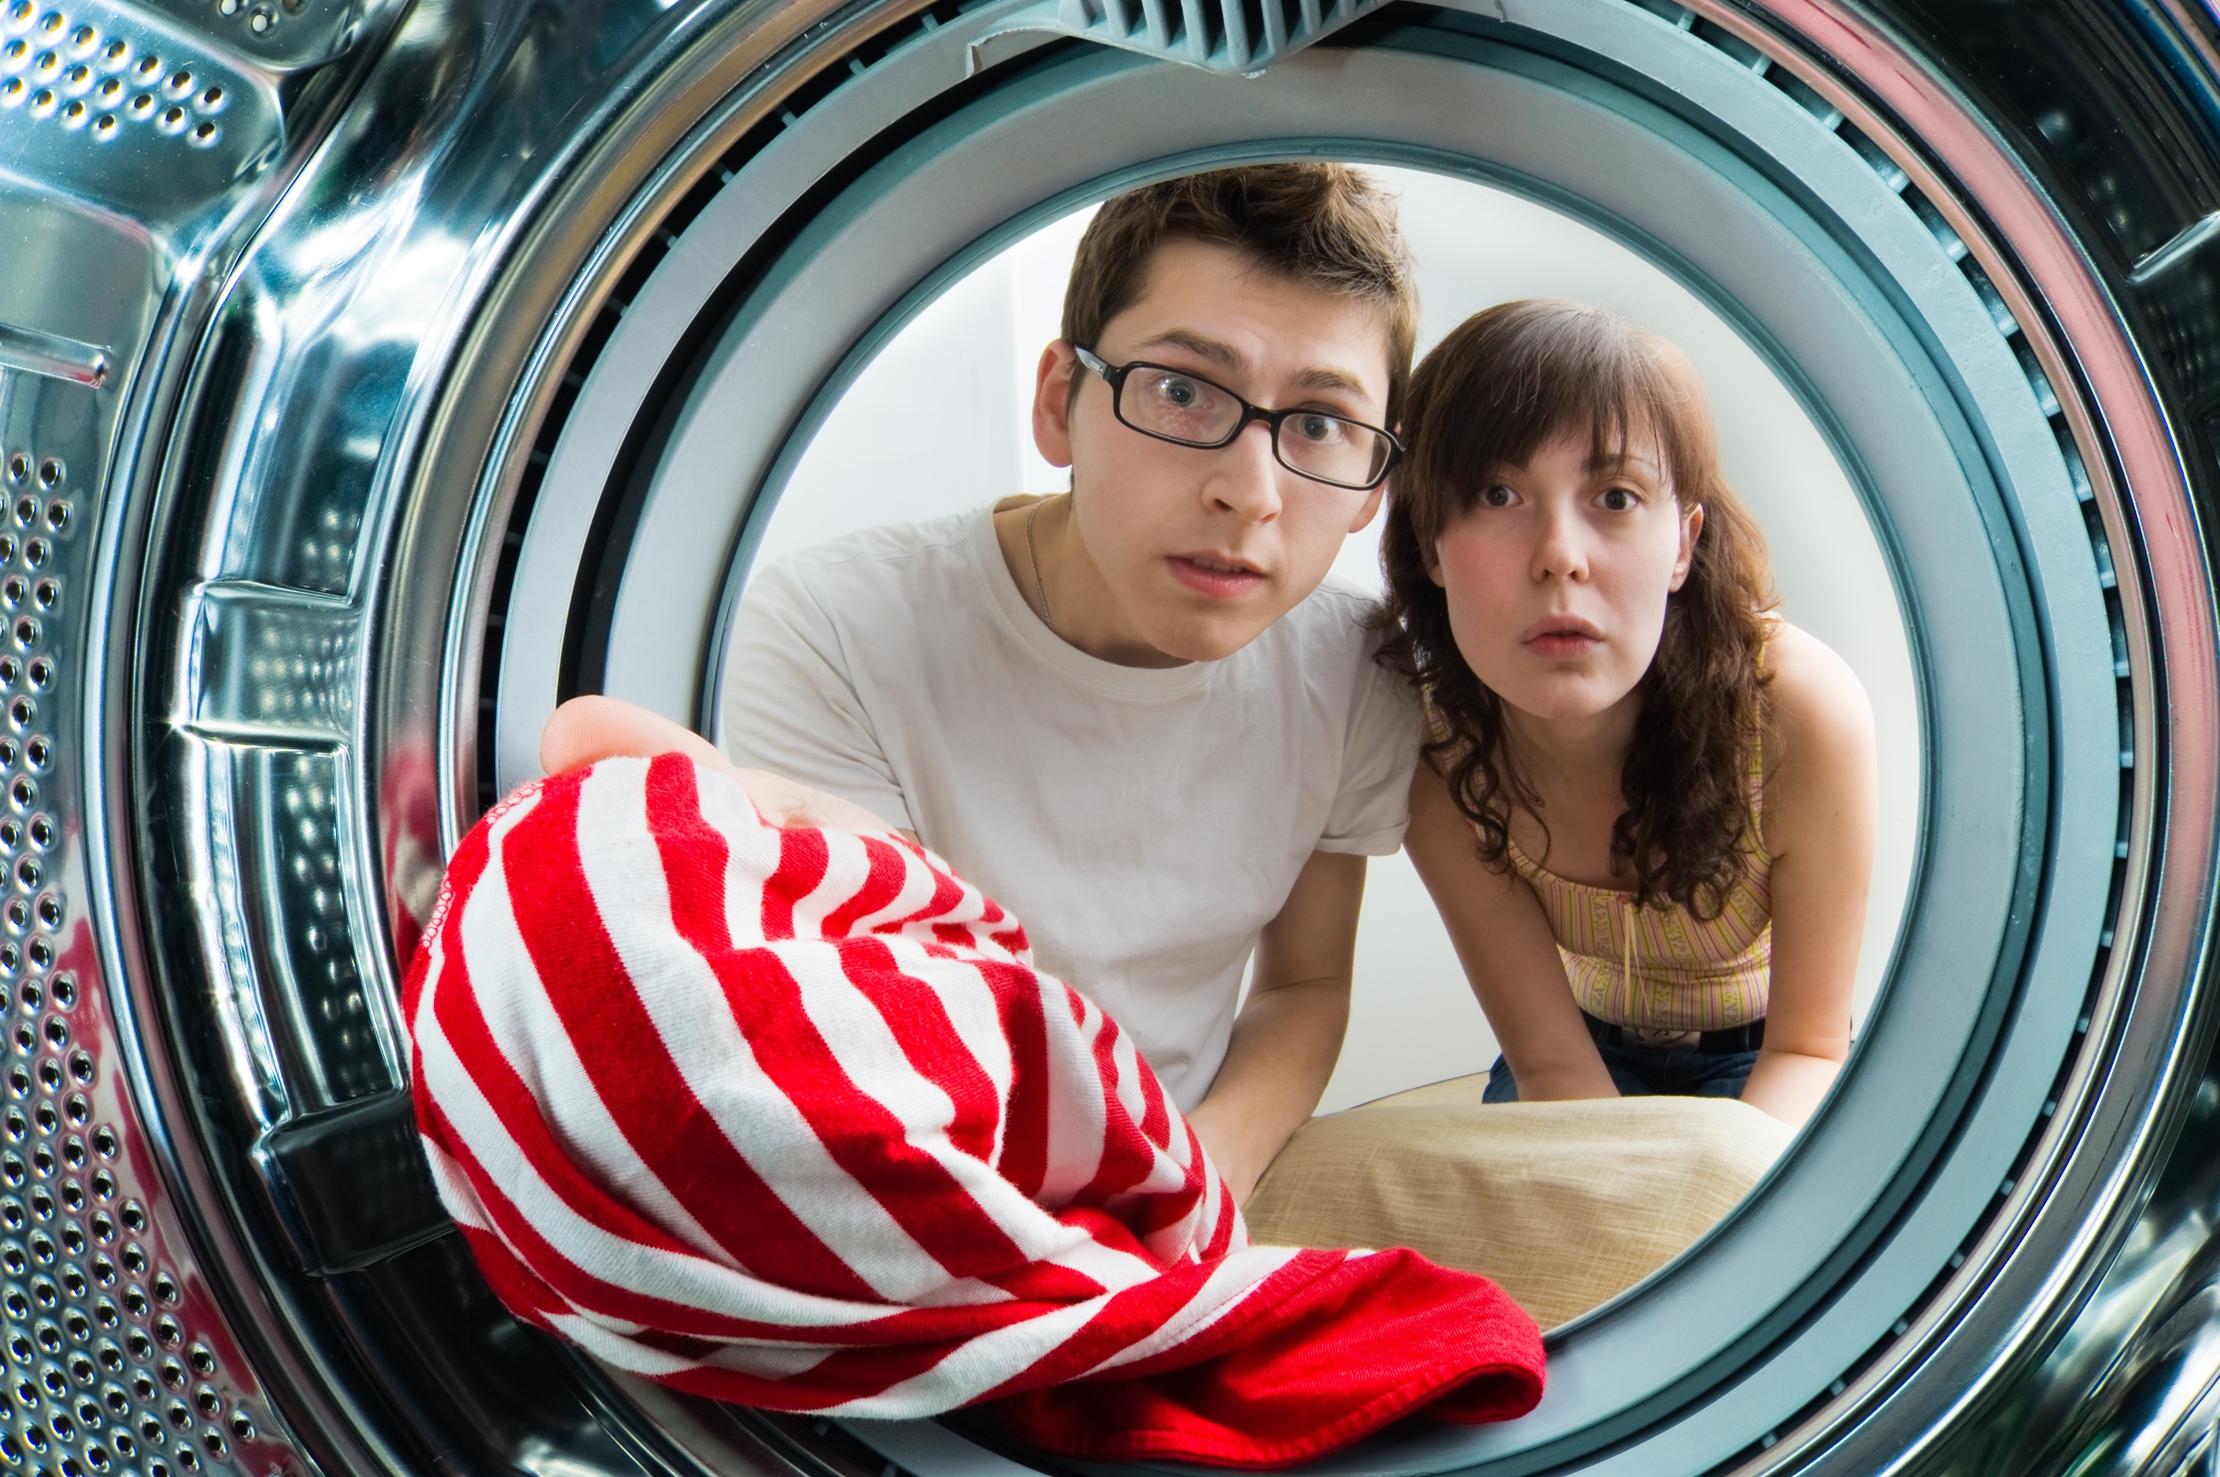 Fogadjunk, hogy nem tudtad, hogy ezeket a dolgokat mosógépben is moshatod